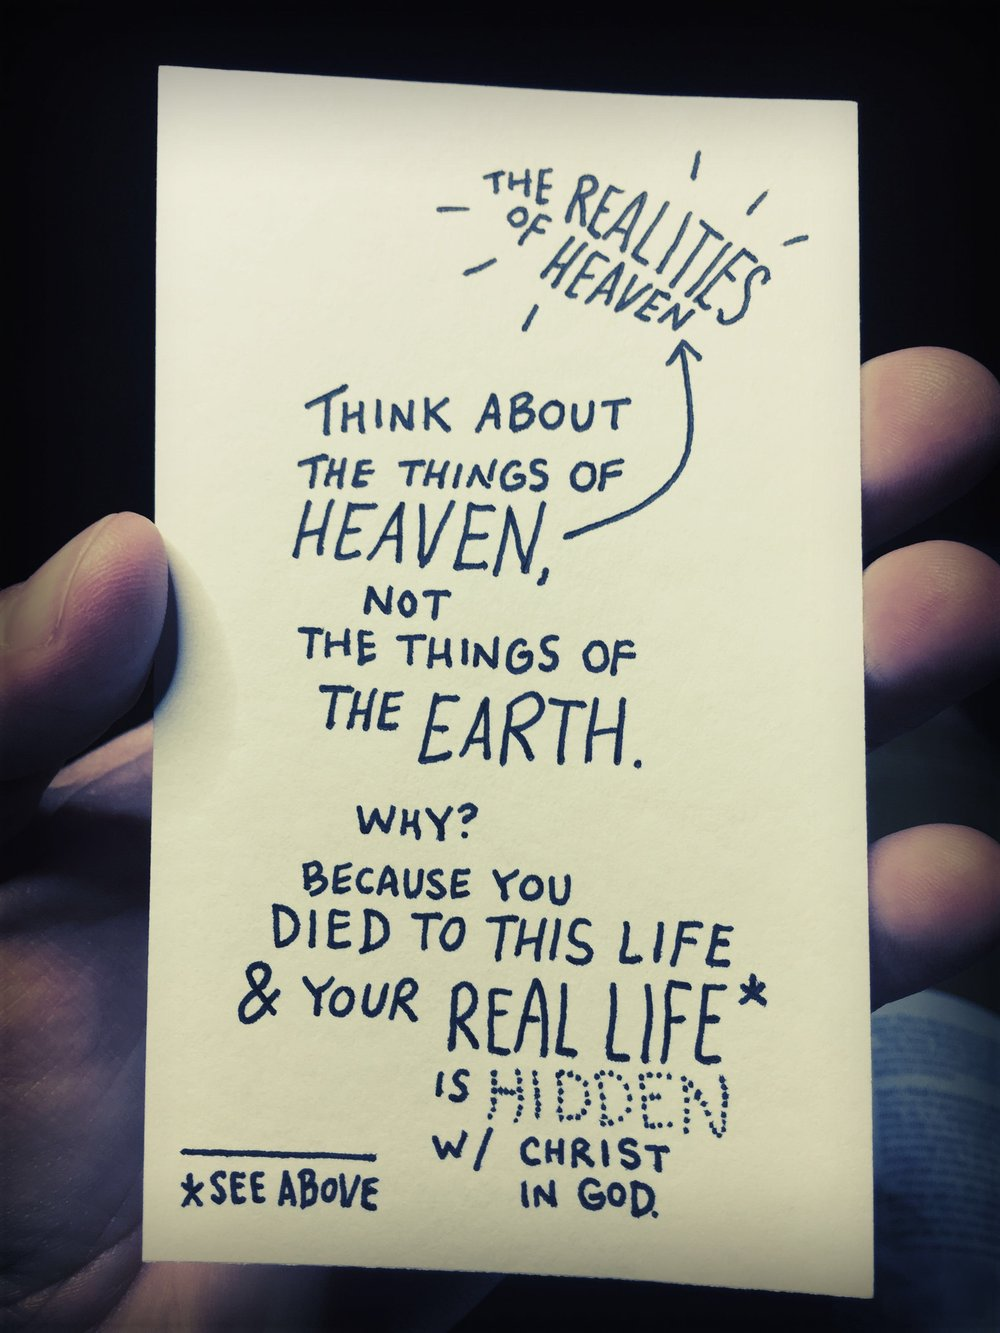 Realities of heaven